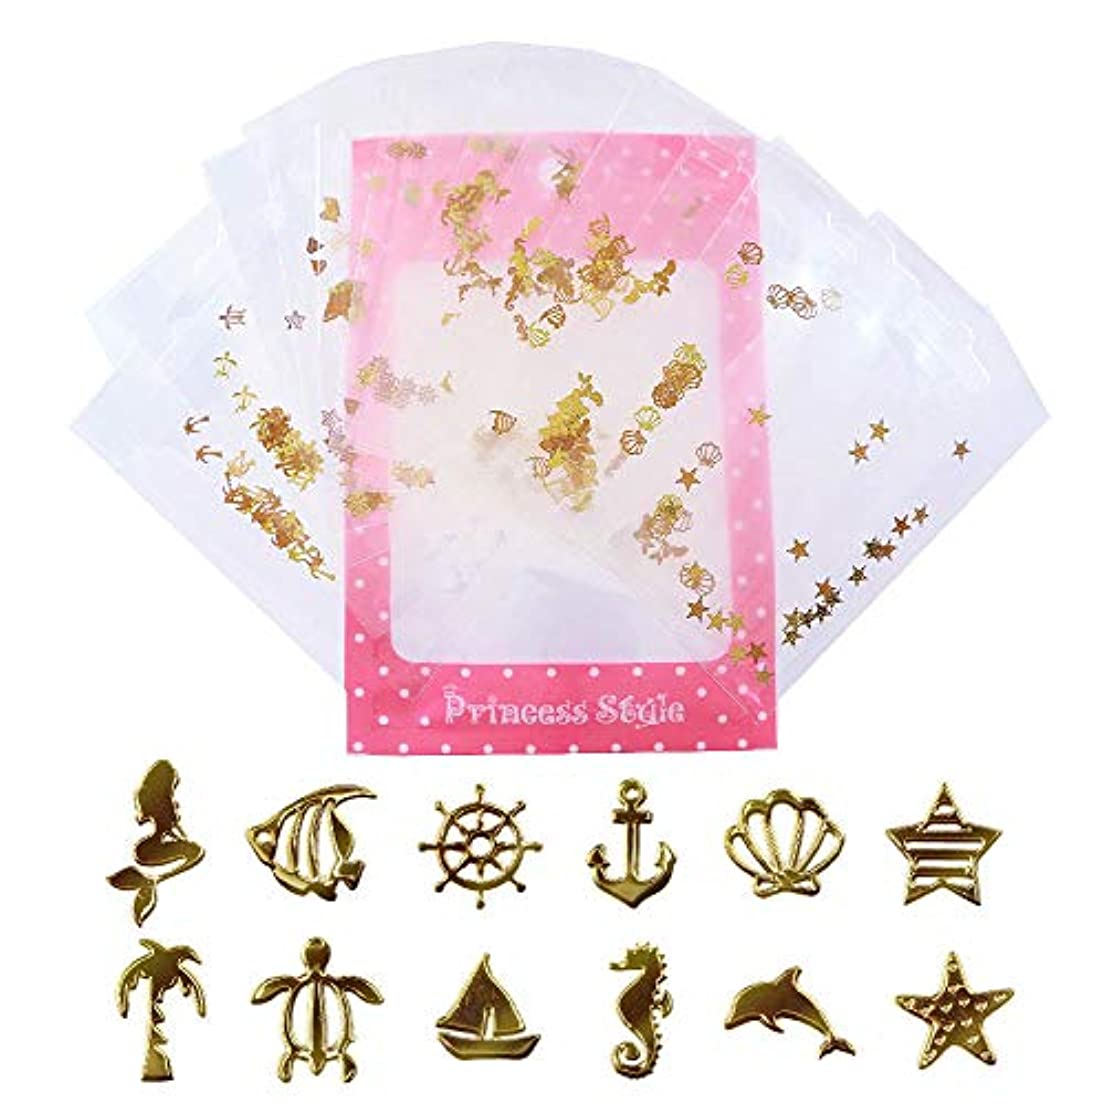 パレードなぜ地図薄型 アート パーツ ゴールド ネイル&レジン用 マリンパーツ 12種類300枚セット 袋入り